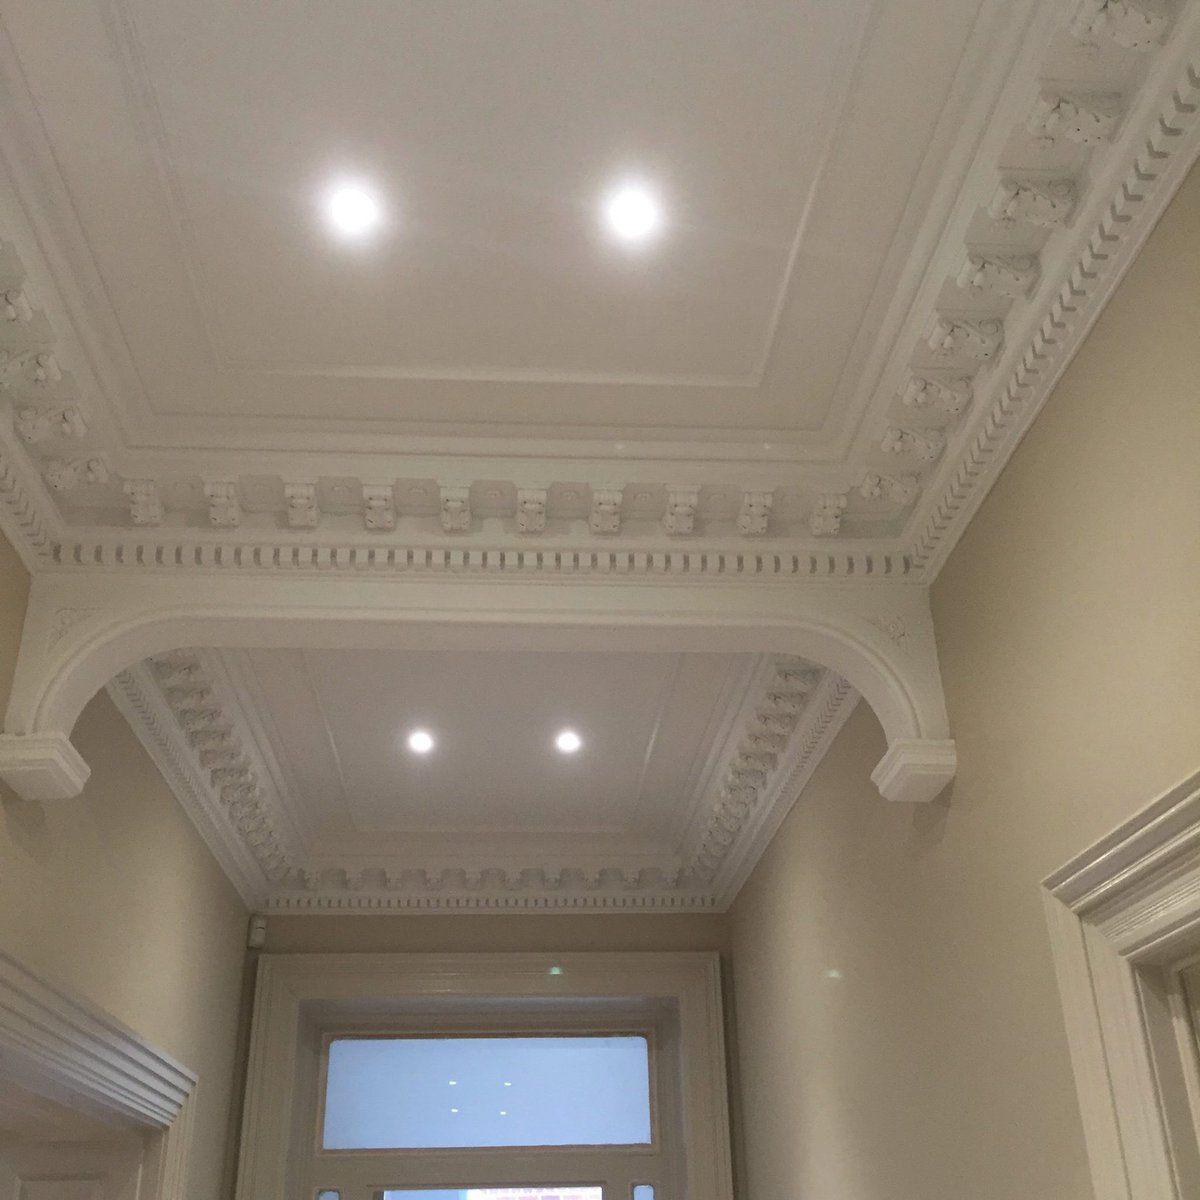 Foyer Plaster Ceiling : Pin by natalia nevod on boiserie plasterwork pinterest